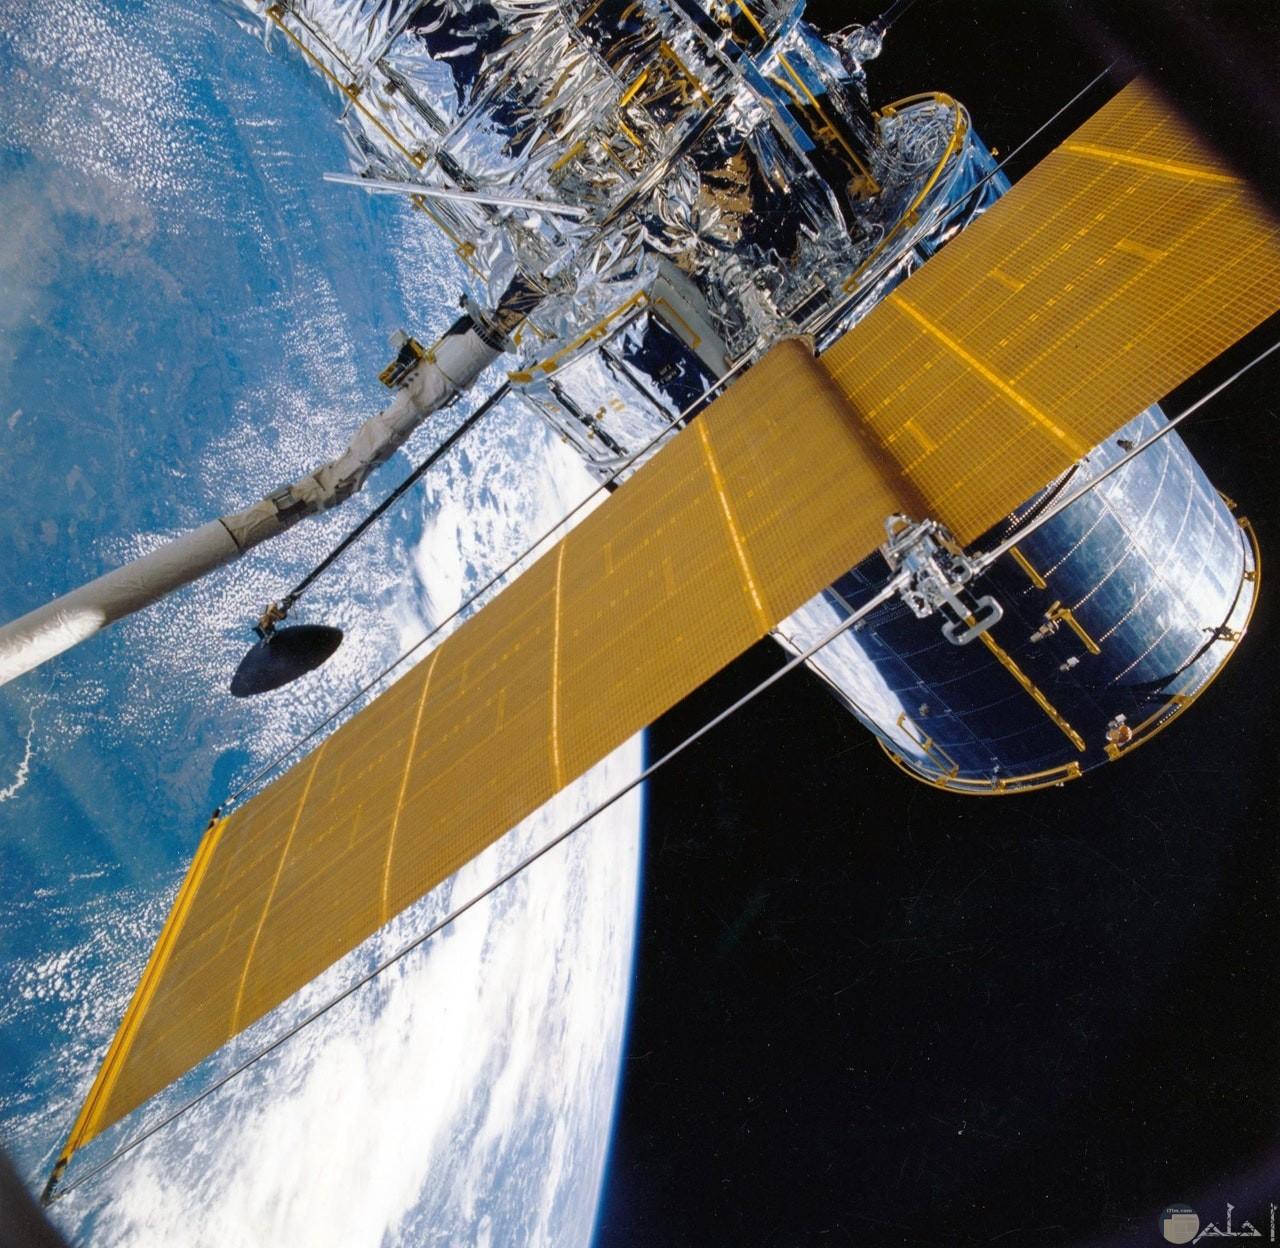 صورة جميلة لقمر صناعي في الفضاء الخارجي